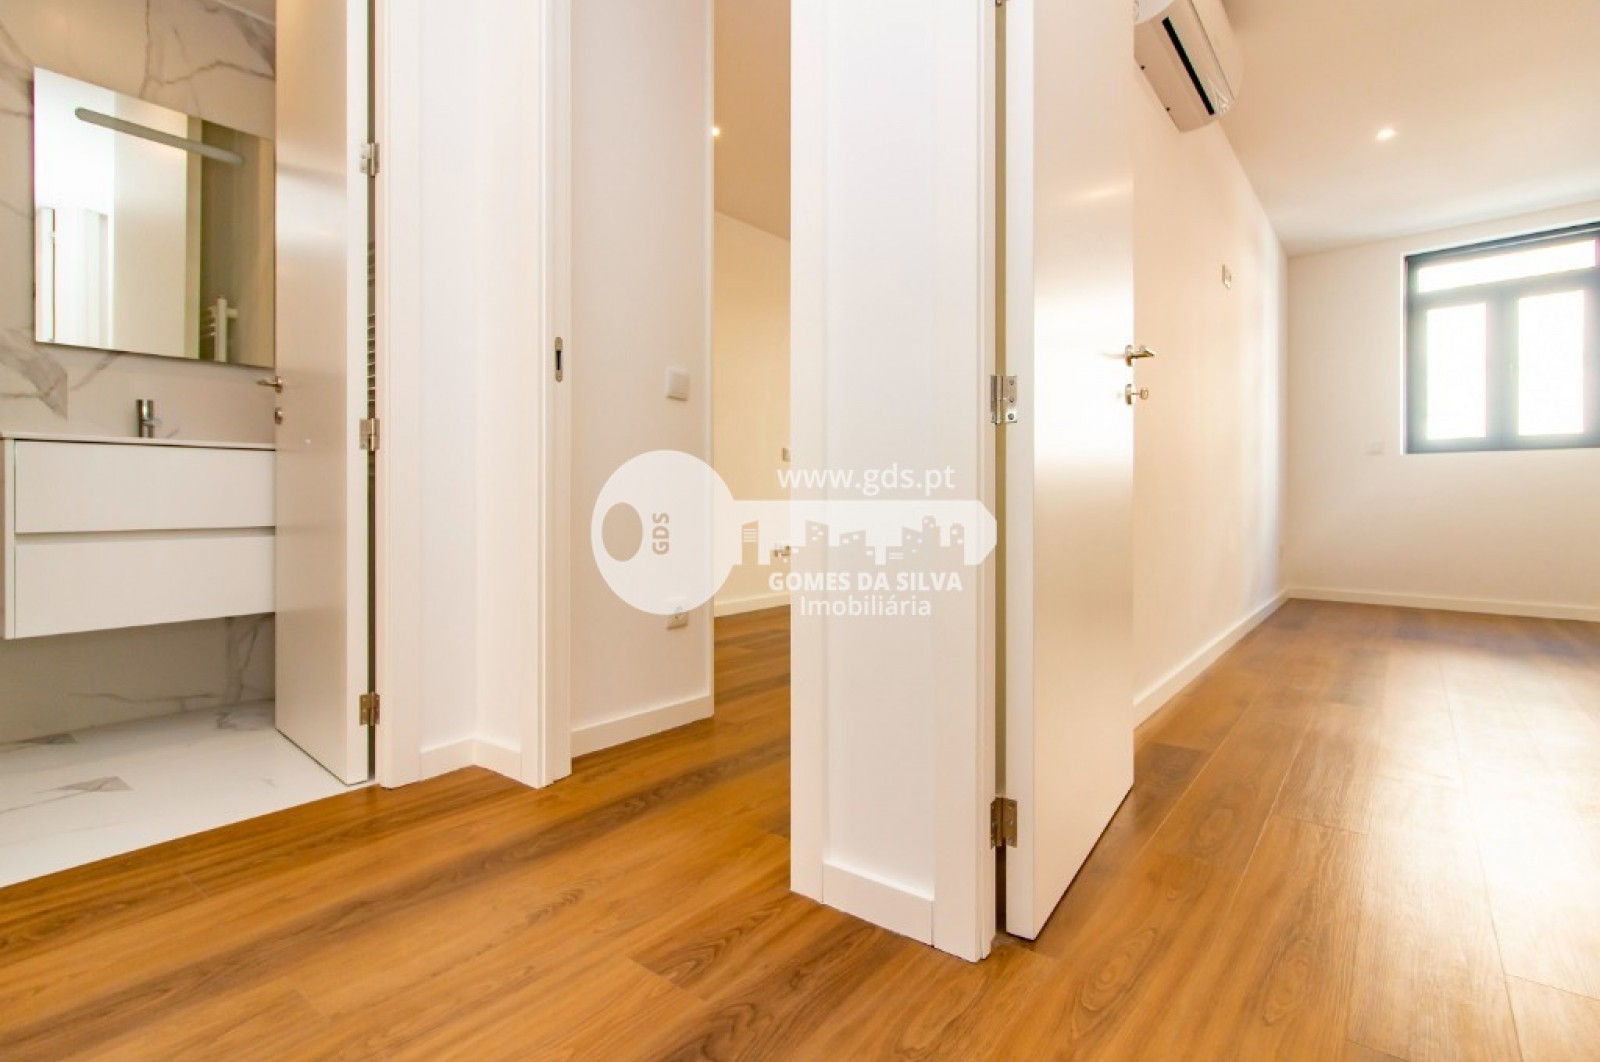 Apartamento T3 para Venda em São Vicente, Braga, Braga - Imagem 16